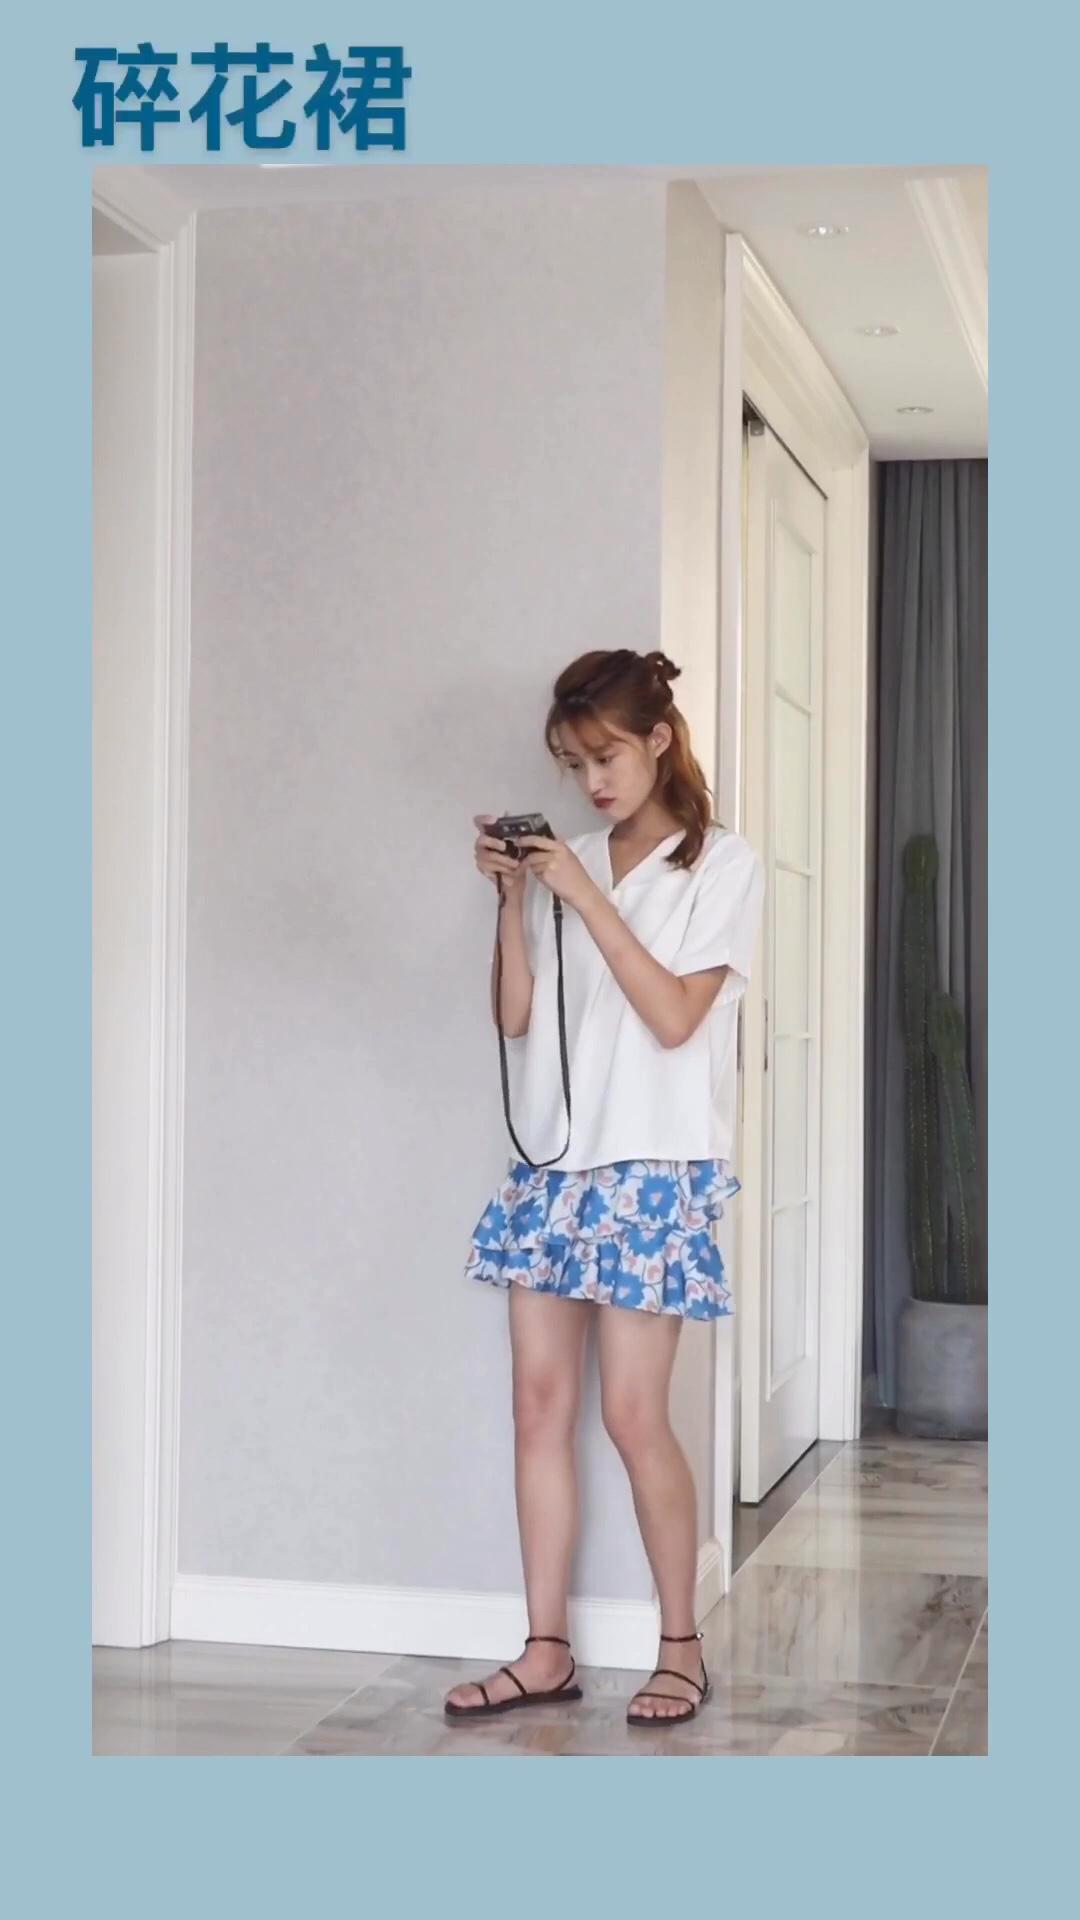 #夏日清凉穿搭大赛#  hello,宝宝们本期推荐👇 蓝色碎花裙 上衣搭配简单白色简约衬衫,经典蓝白搭配显得hin清爽,小裙纸也有点像冰激凌色 欢迎宝宝们在评论区留言交流穿搭👏